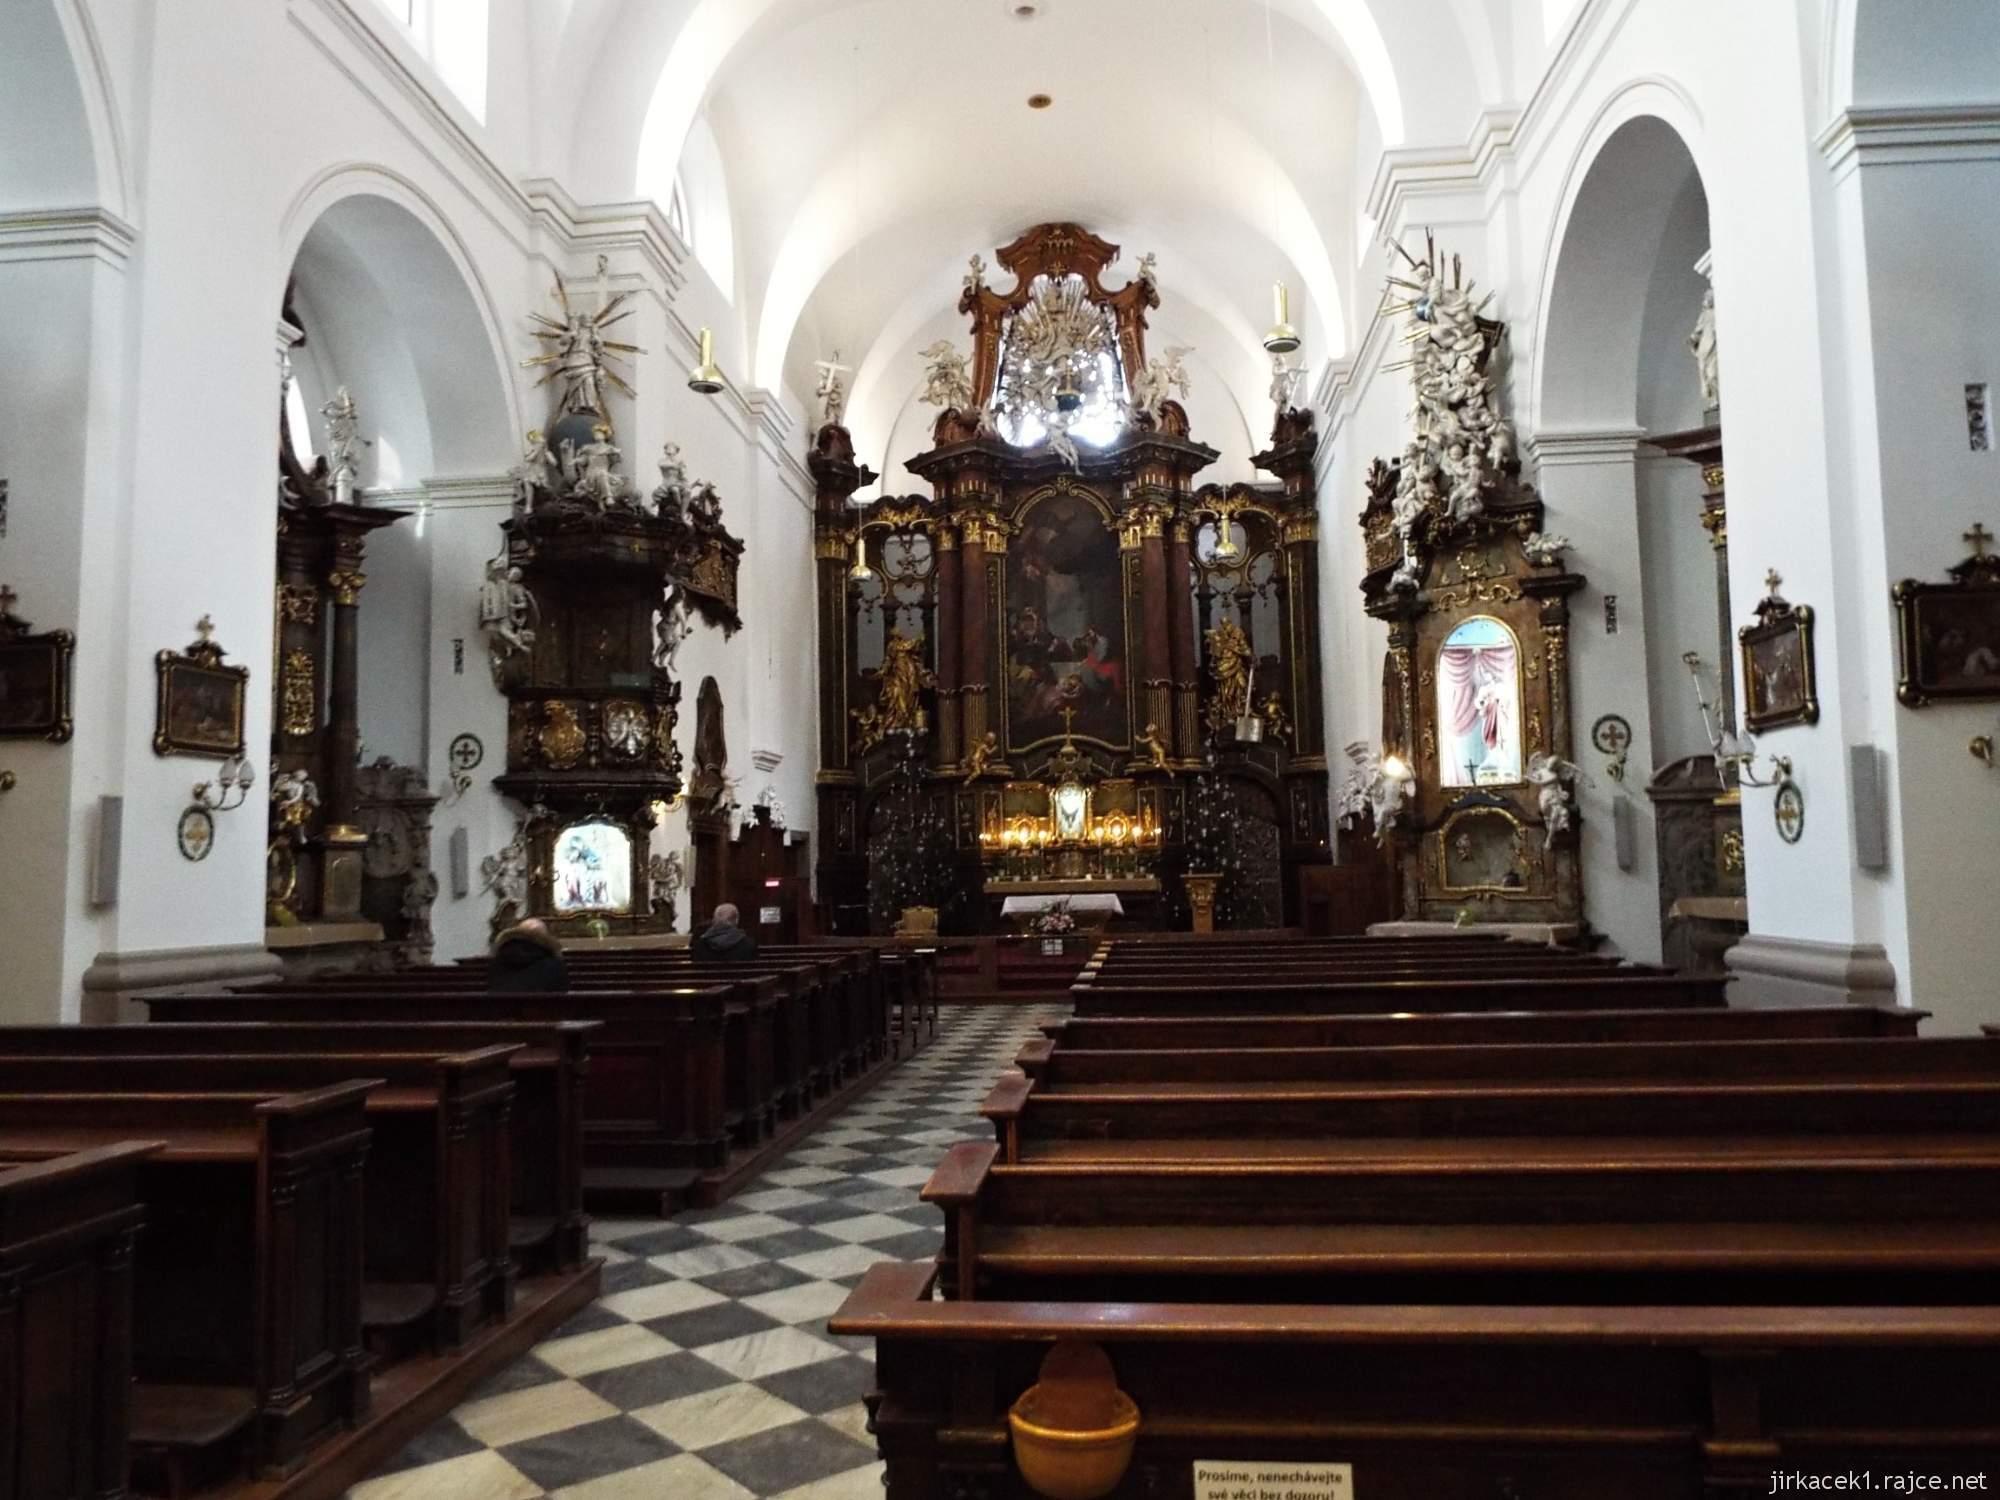 Brno - Kostel svaté Máří Magdalény - interiér s lavicemi a hlavním oltářem